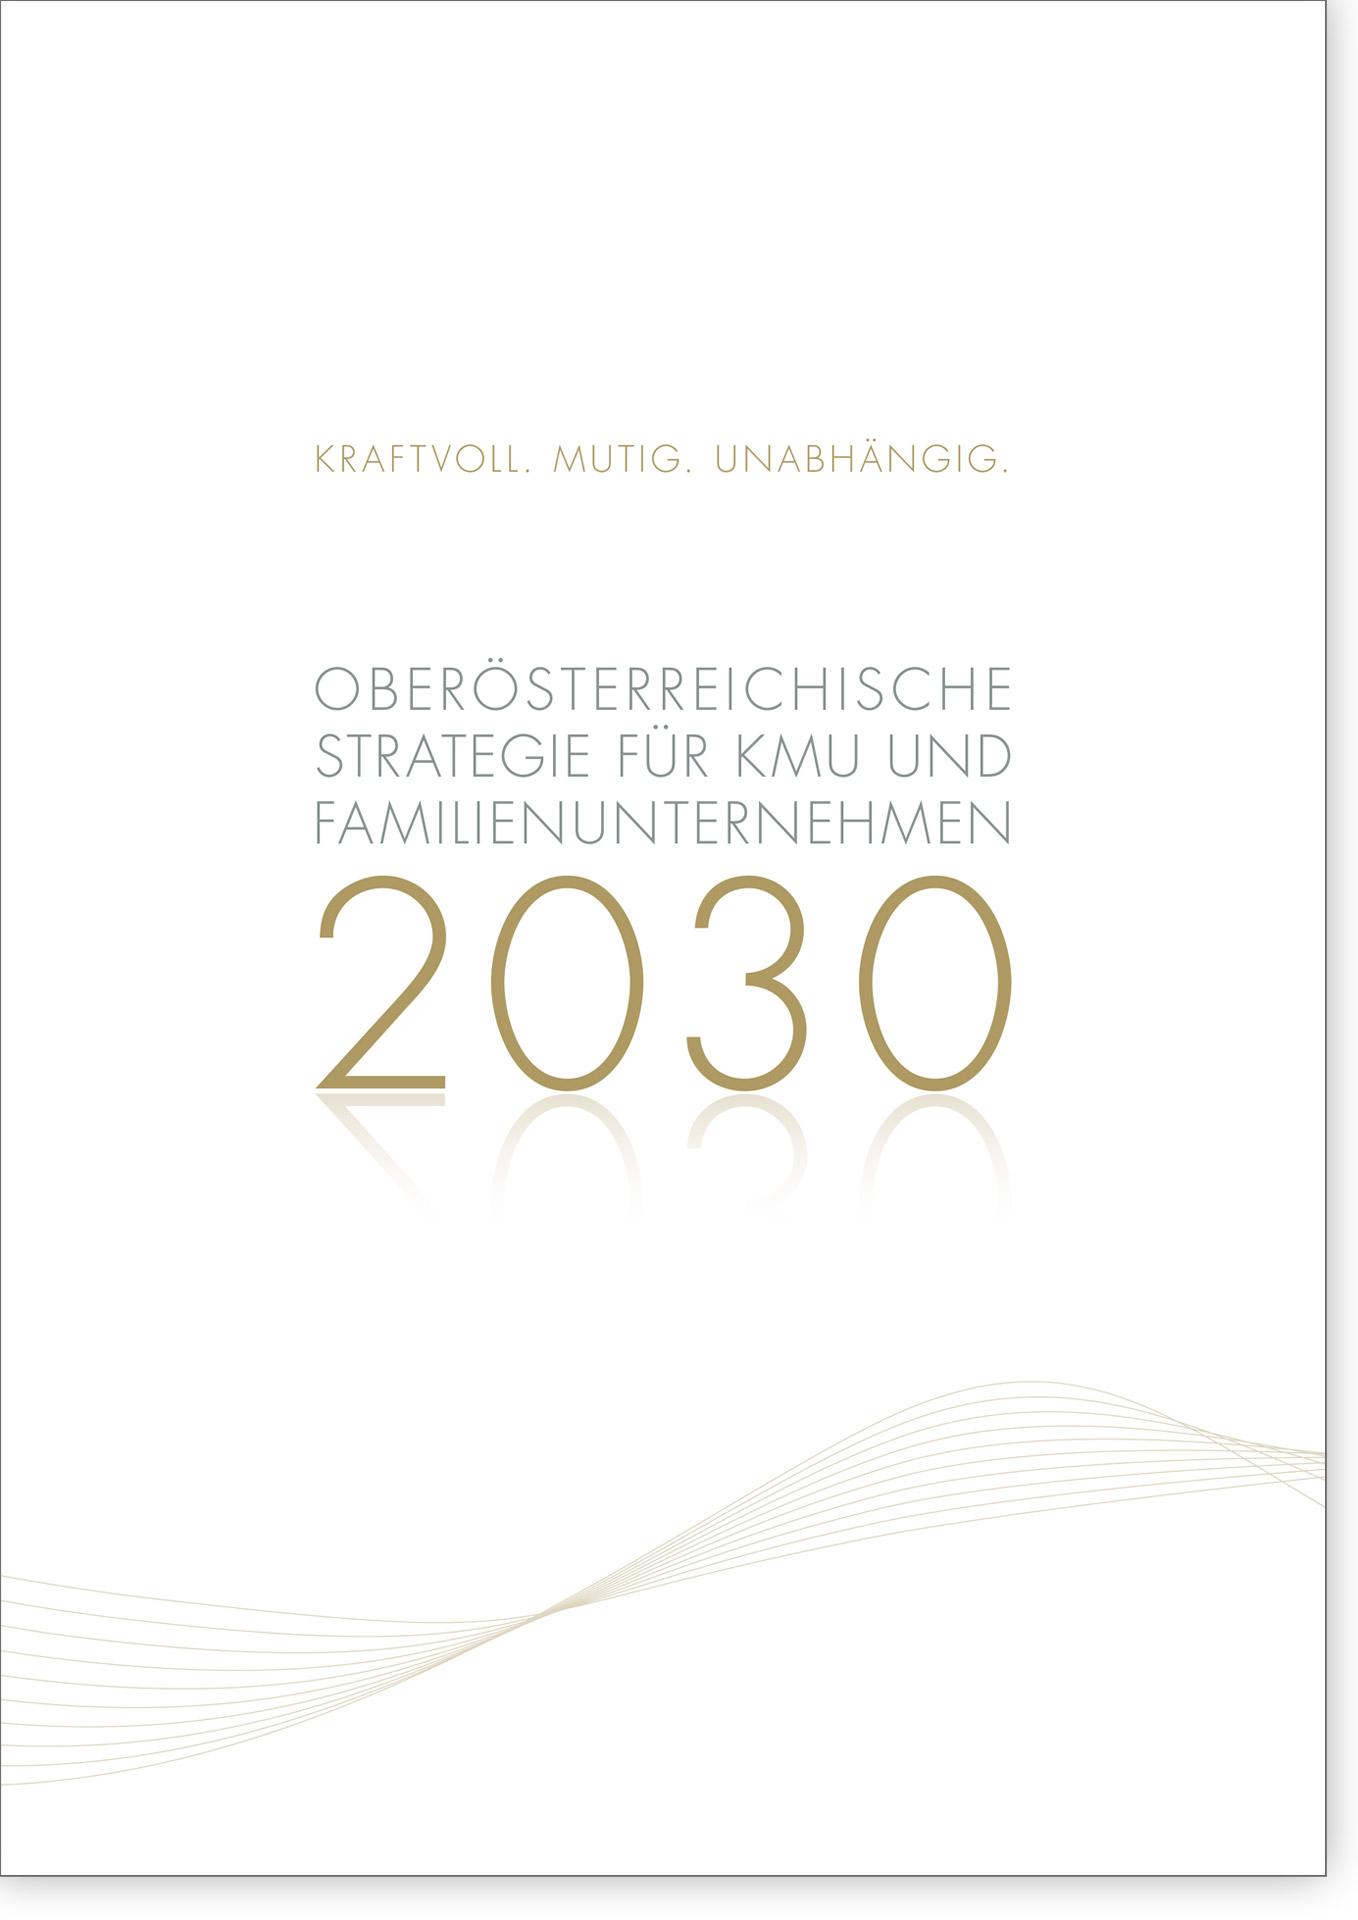 Cover Kraftvoll. Mutig. Unabhängig. Oberösterreichische Strategie für KMU und Familienunternehmen 2030